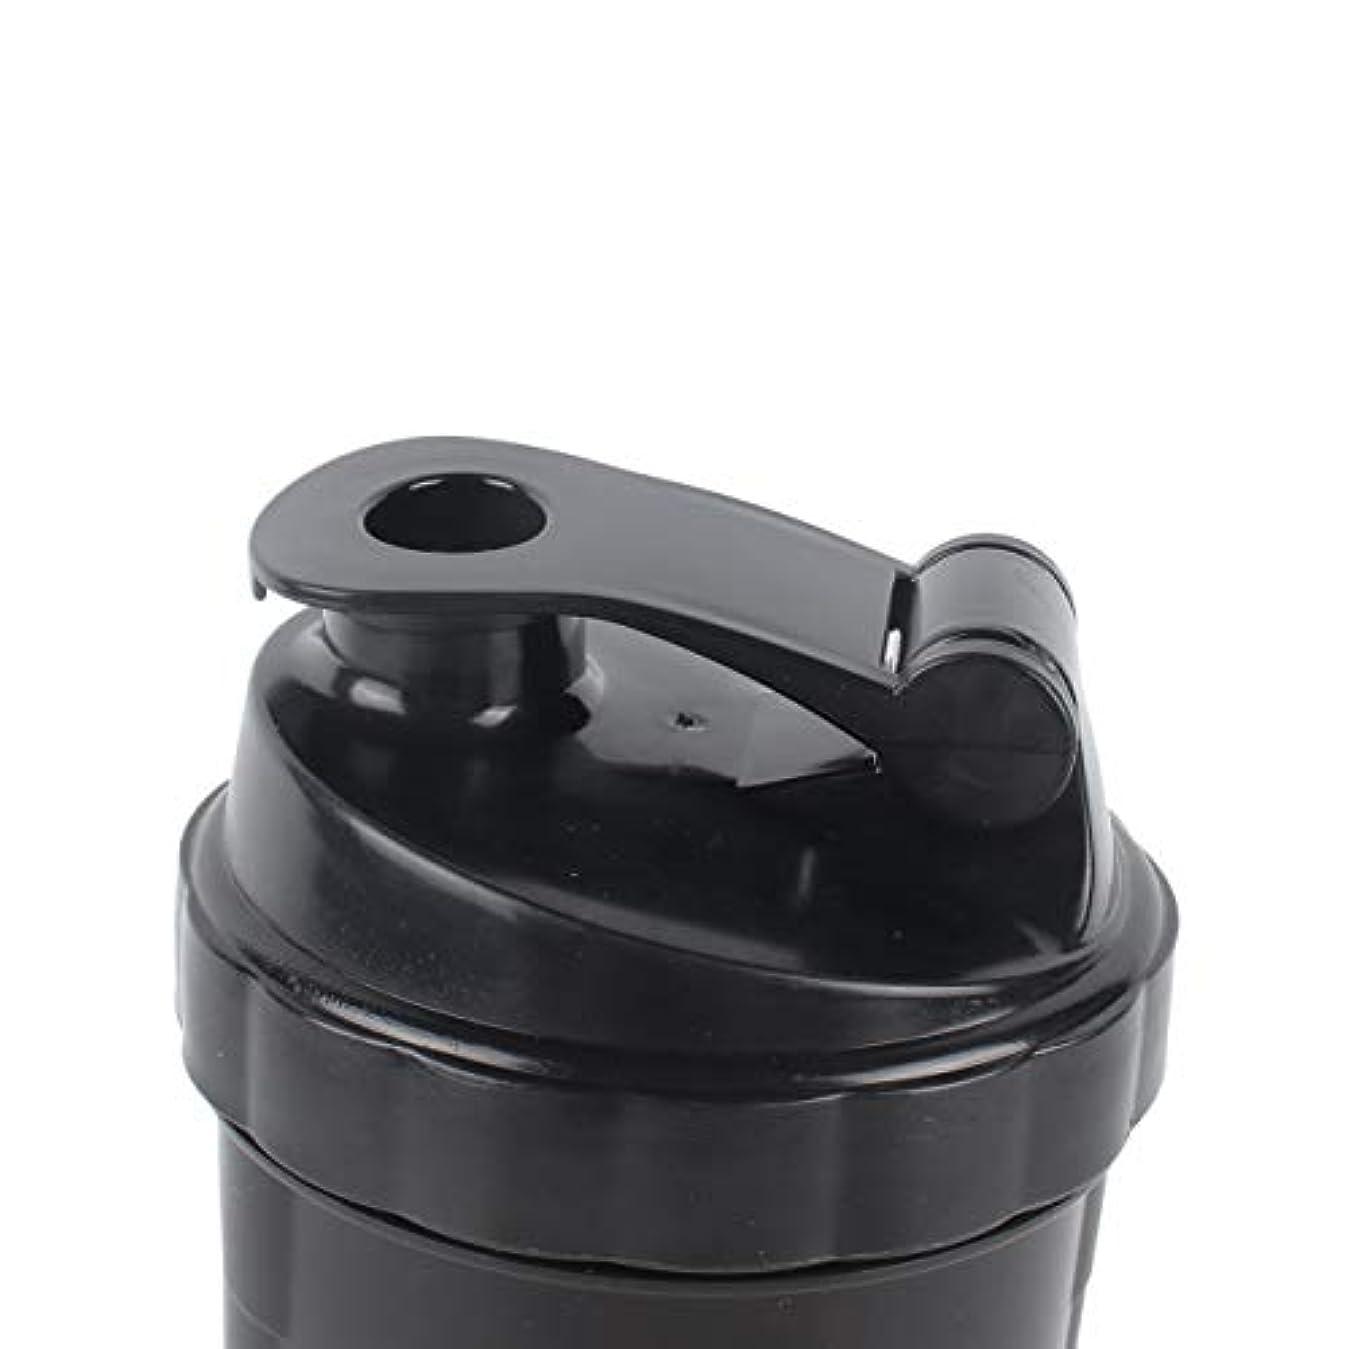 DeeploveUU ポータブルジムプロテインシェーカーミキサーボトルポータブルスポーツランニングジョギング泡立て器ボールシェーカーボトル